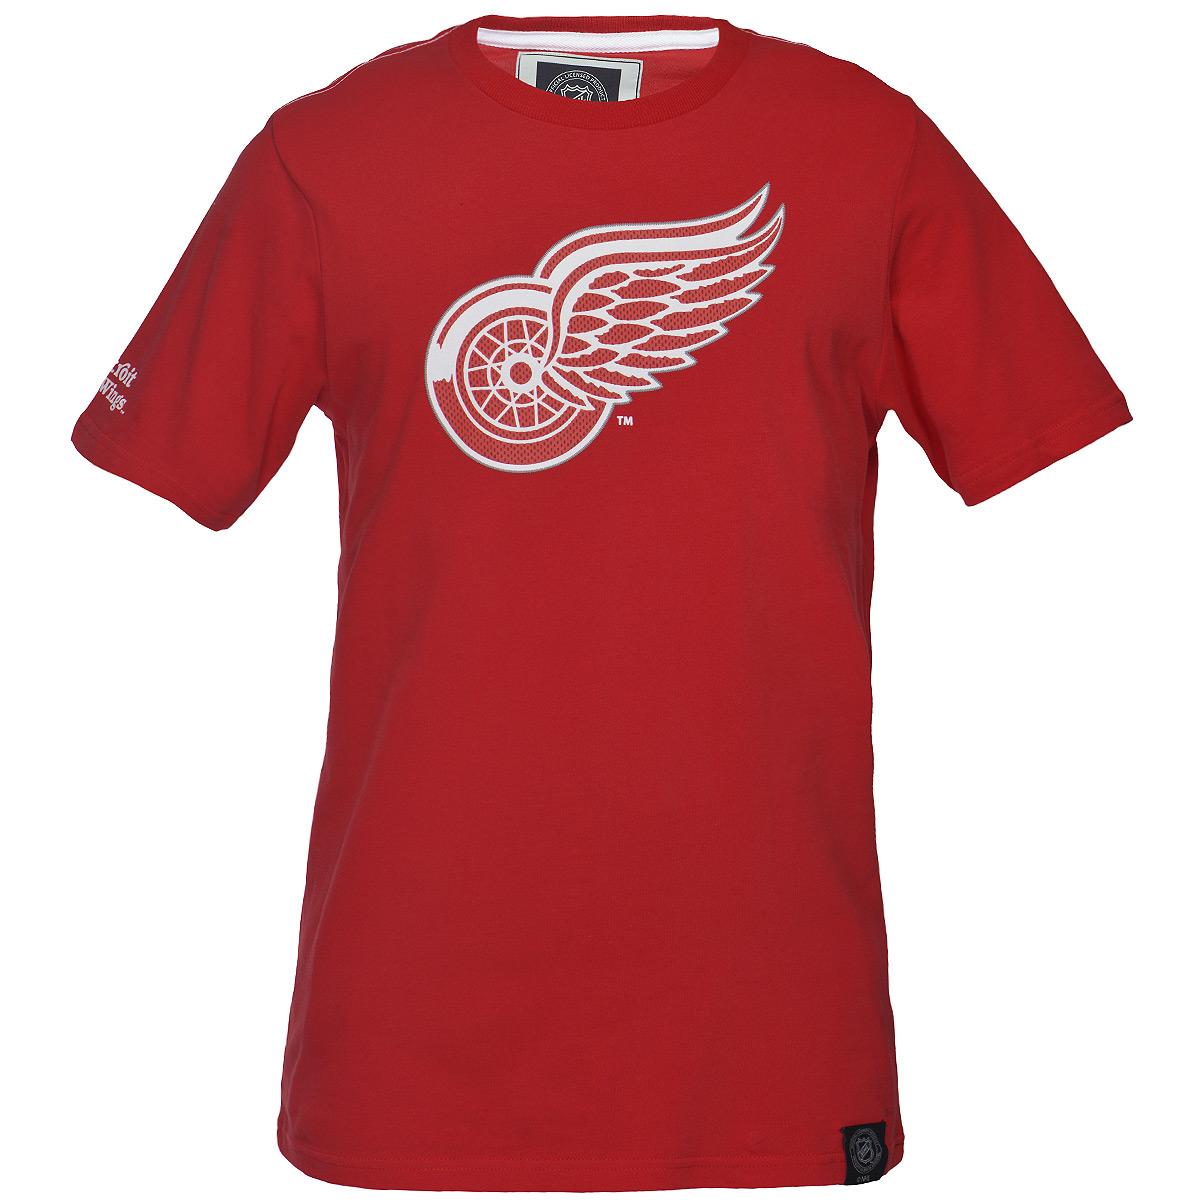 Футболка мужская NHL Detroit Red Wings, цвет: красный. 29160. Размер S (46)29160Мужская футболка NHL Detroit Red Wings, выполненная из натурального хлопка, порадует любого поклонниказнаменитого хоккейного клуба. Материал очень мягкий и приятный на ощупь, не сковывает движения ипозволяет коже дышать. Футболка с короткими рукавами имеет круглый вырез горловины, дополненный трикотажной резинкой.Изделие оформлено термоаппликацией в виде эмблемы хоккейного клуба Detroit Red Wings, а также украшенонебольшой текстильной нашивкой.Такая модель отлично подойдет для повседневной носки и подарит вам комфорт в течение всего дня! УВАЖАЕМЫЕ КЛИЕНТЫ! Обращаем ваше внимание на возможные незначительные изменения в дизайне нашивки.